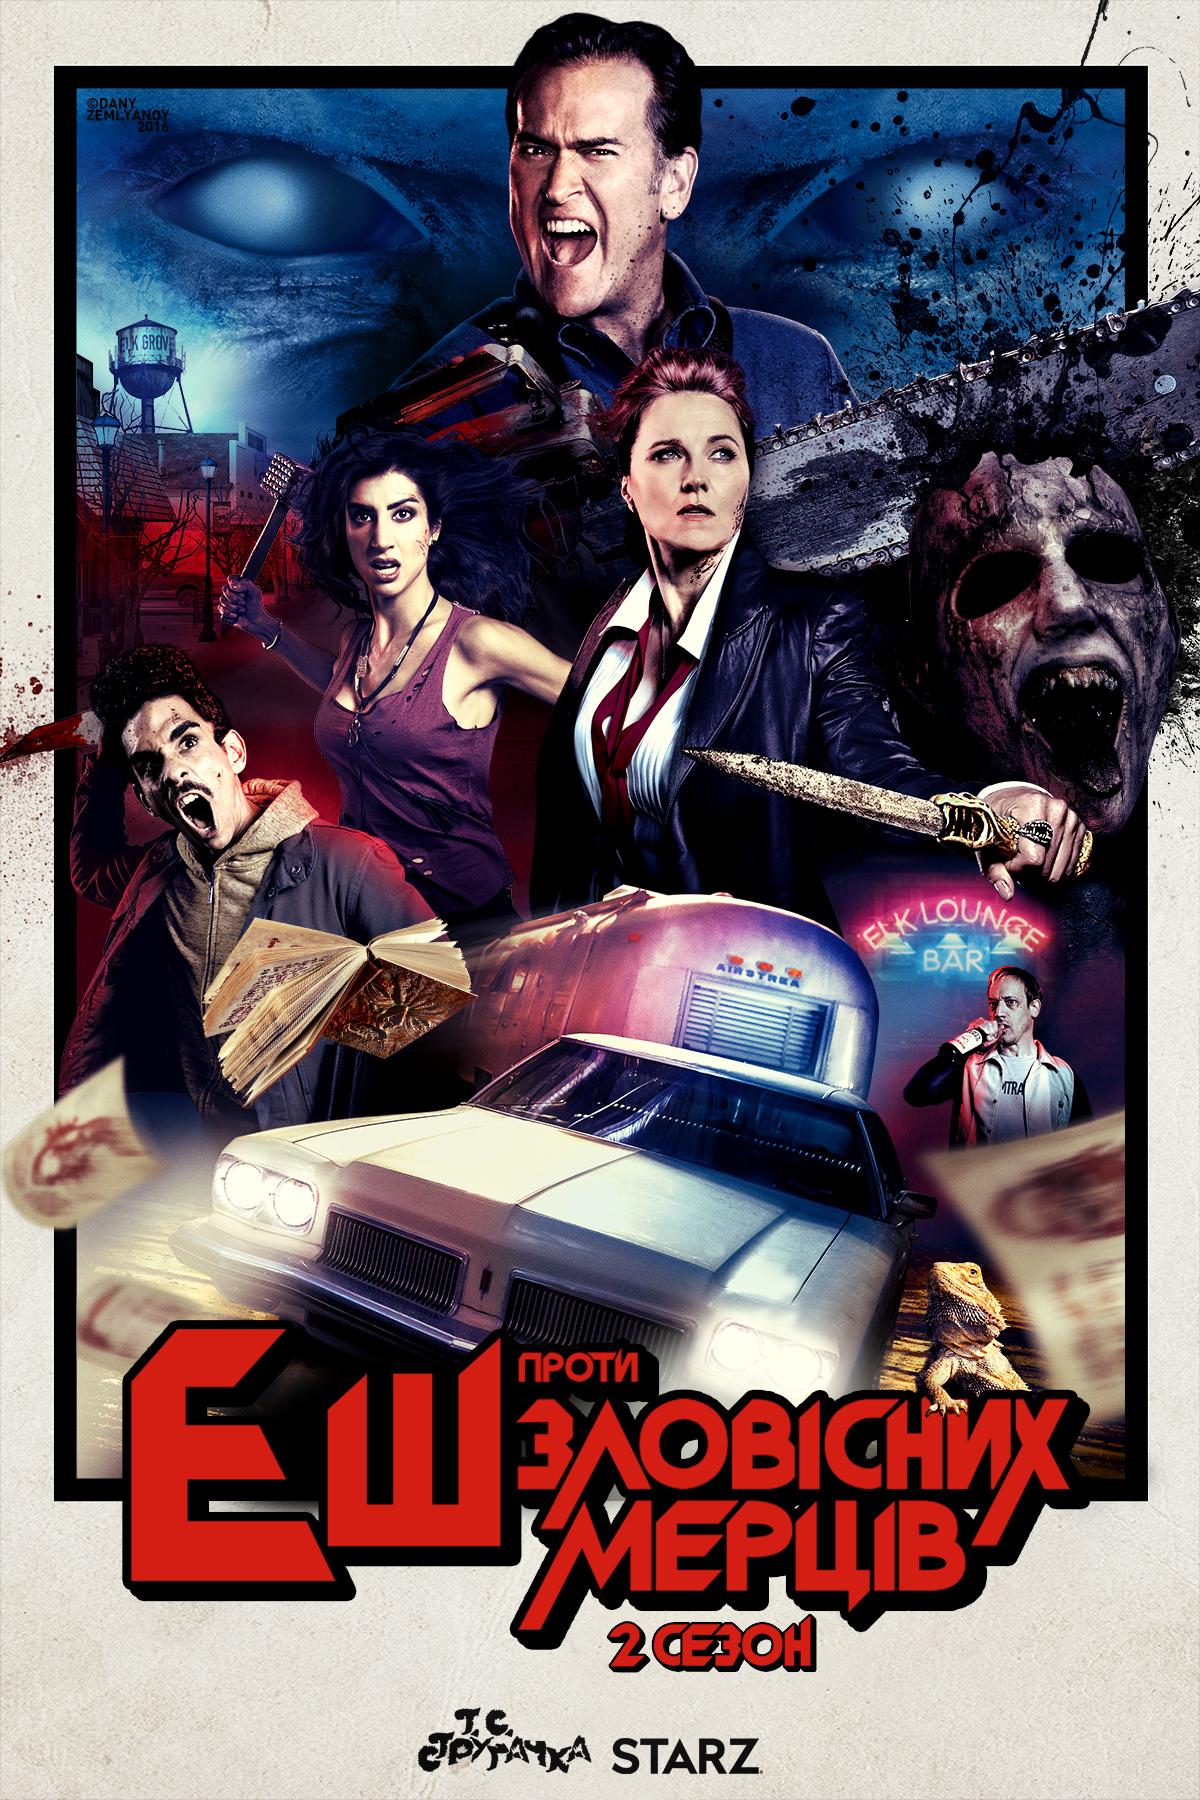 Эш против Зловещих мертвецов 3 сезон 10 серия Alexfilm